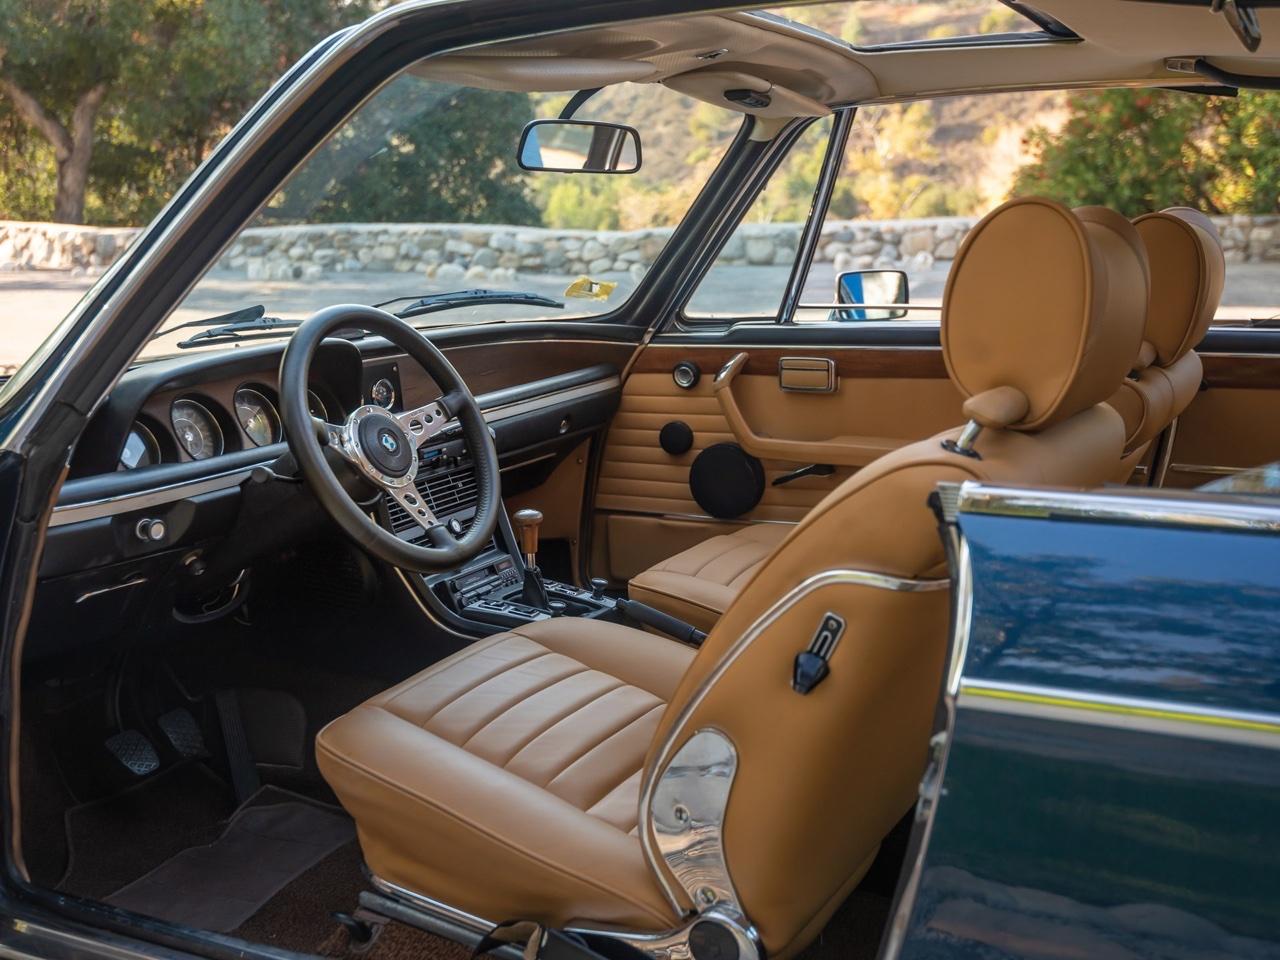 BMW E9 3.0 CS 1974 - Quand Alpina y fout son nez... 2